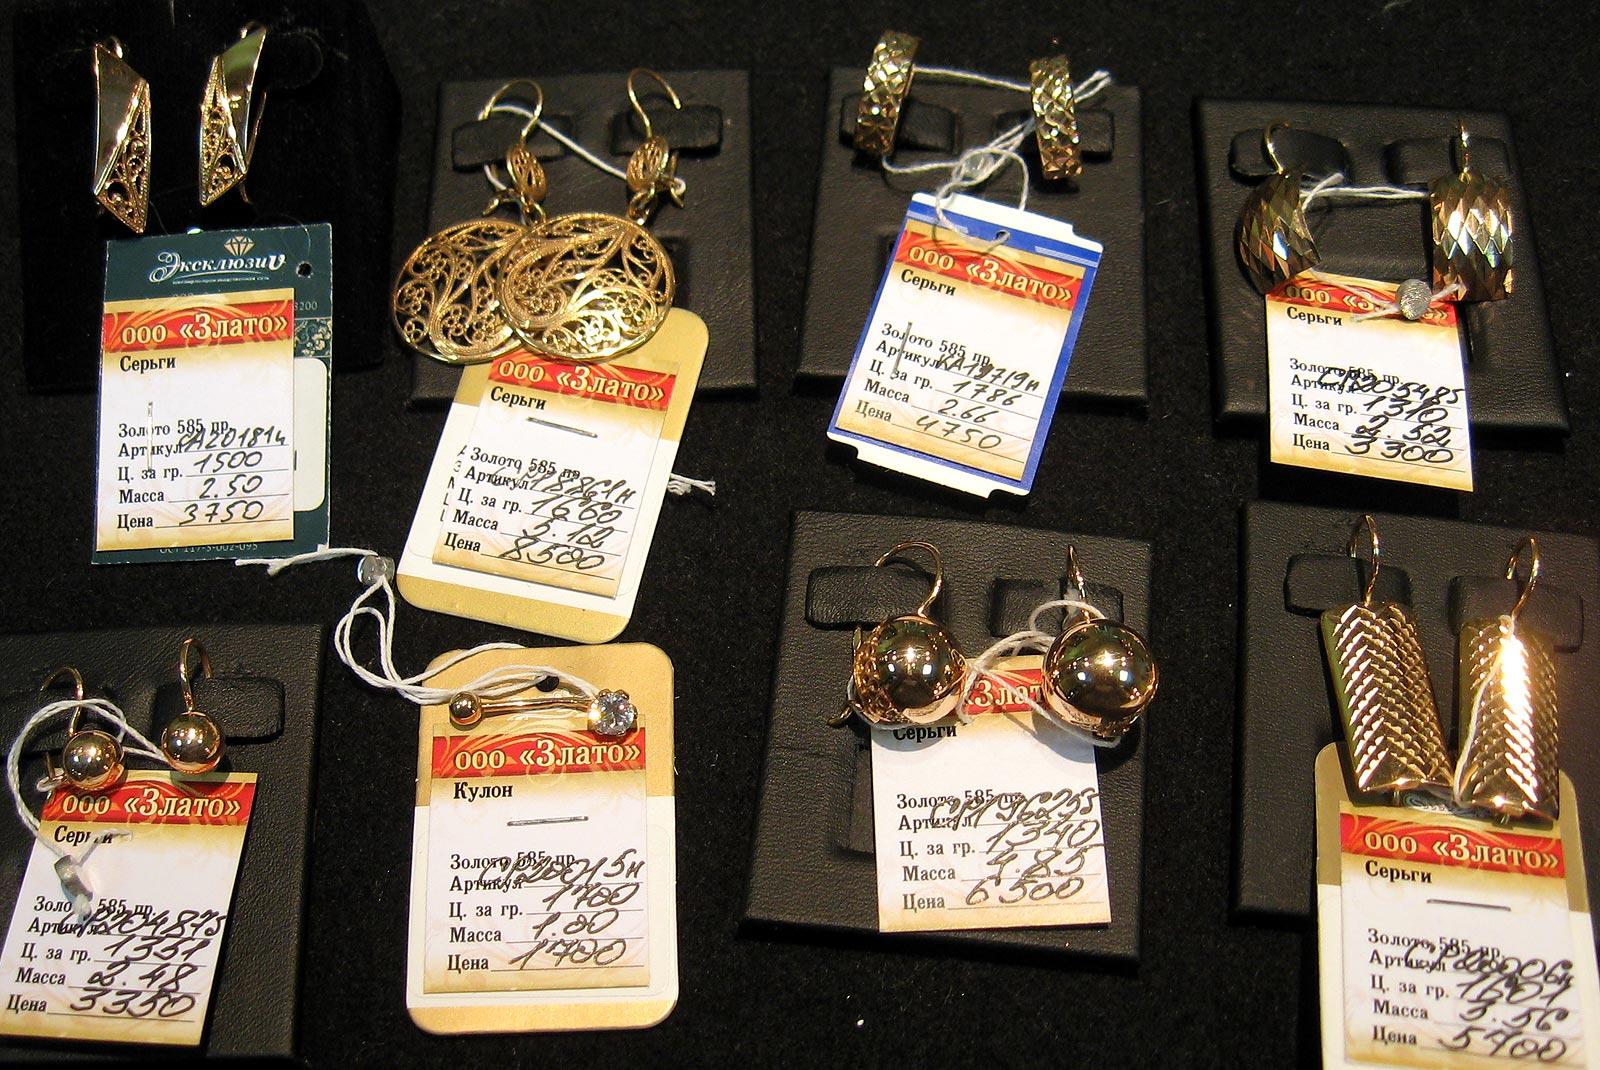 Сегодня часы кемерово работы в ювелирные ломбарды 24 часа серебра скупка